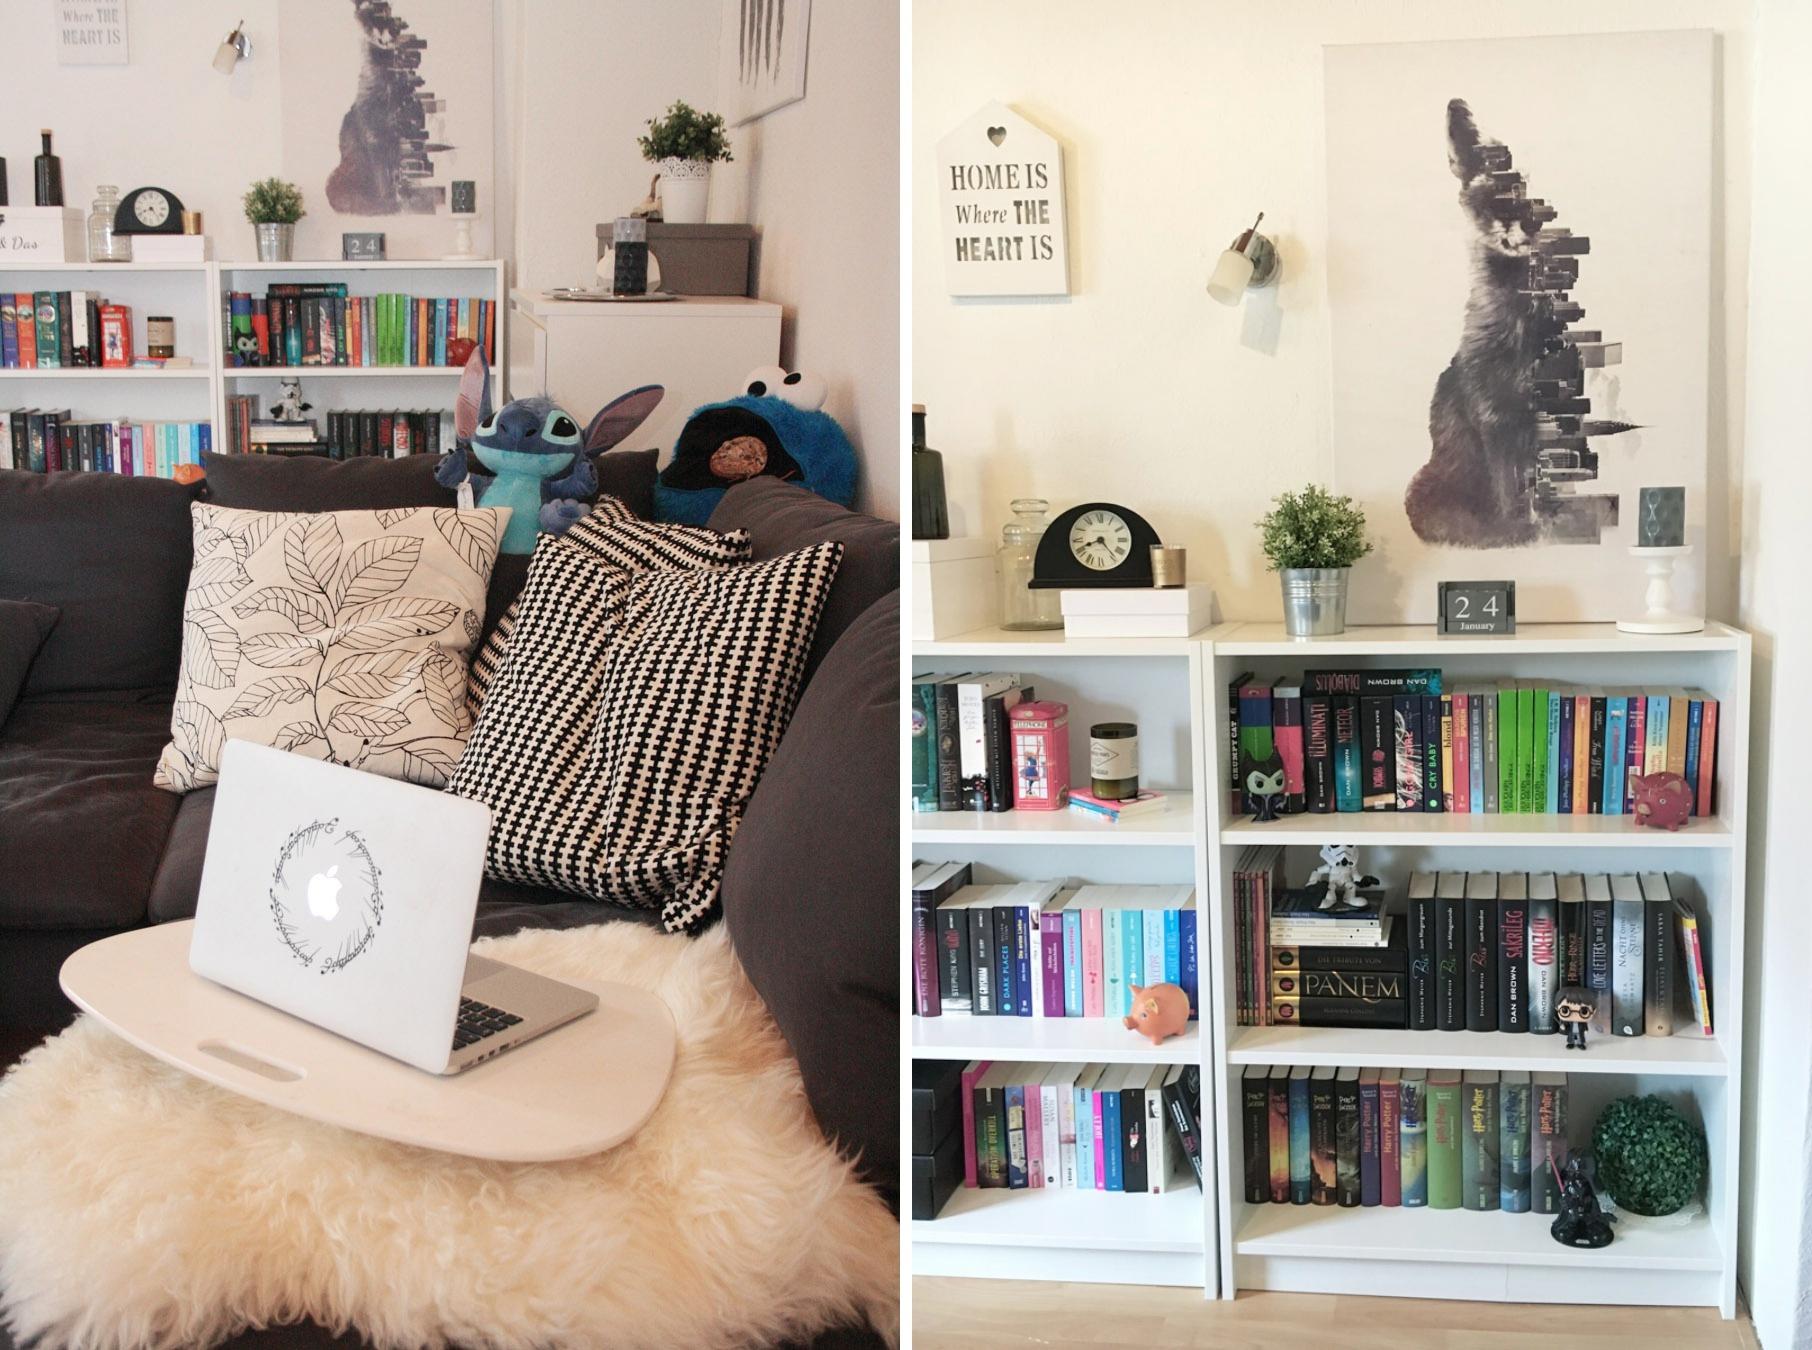 Living | Wohnzimmer & Dekoration - HYDROGENPEROXID